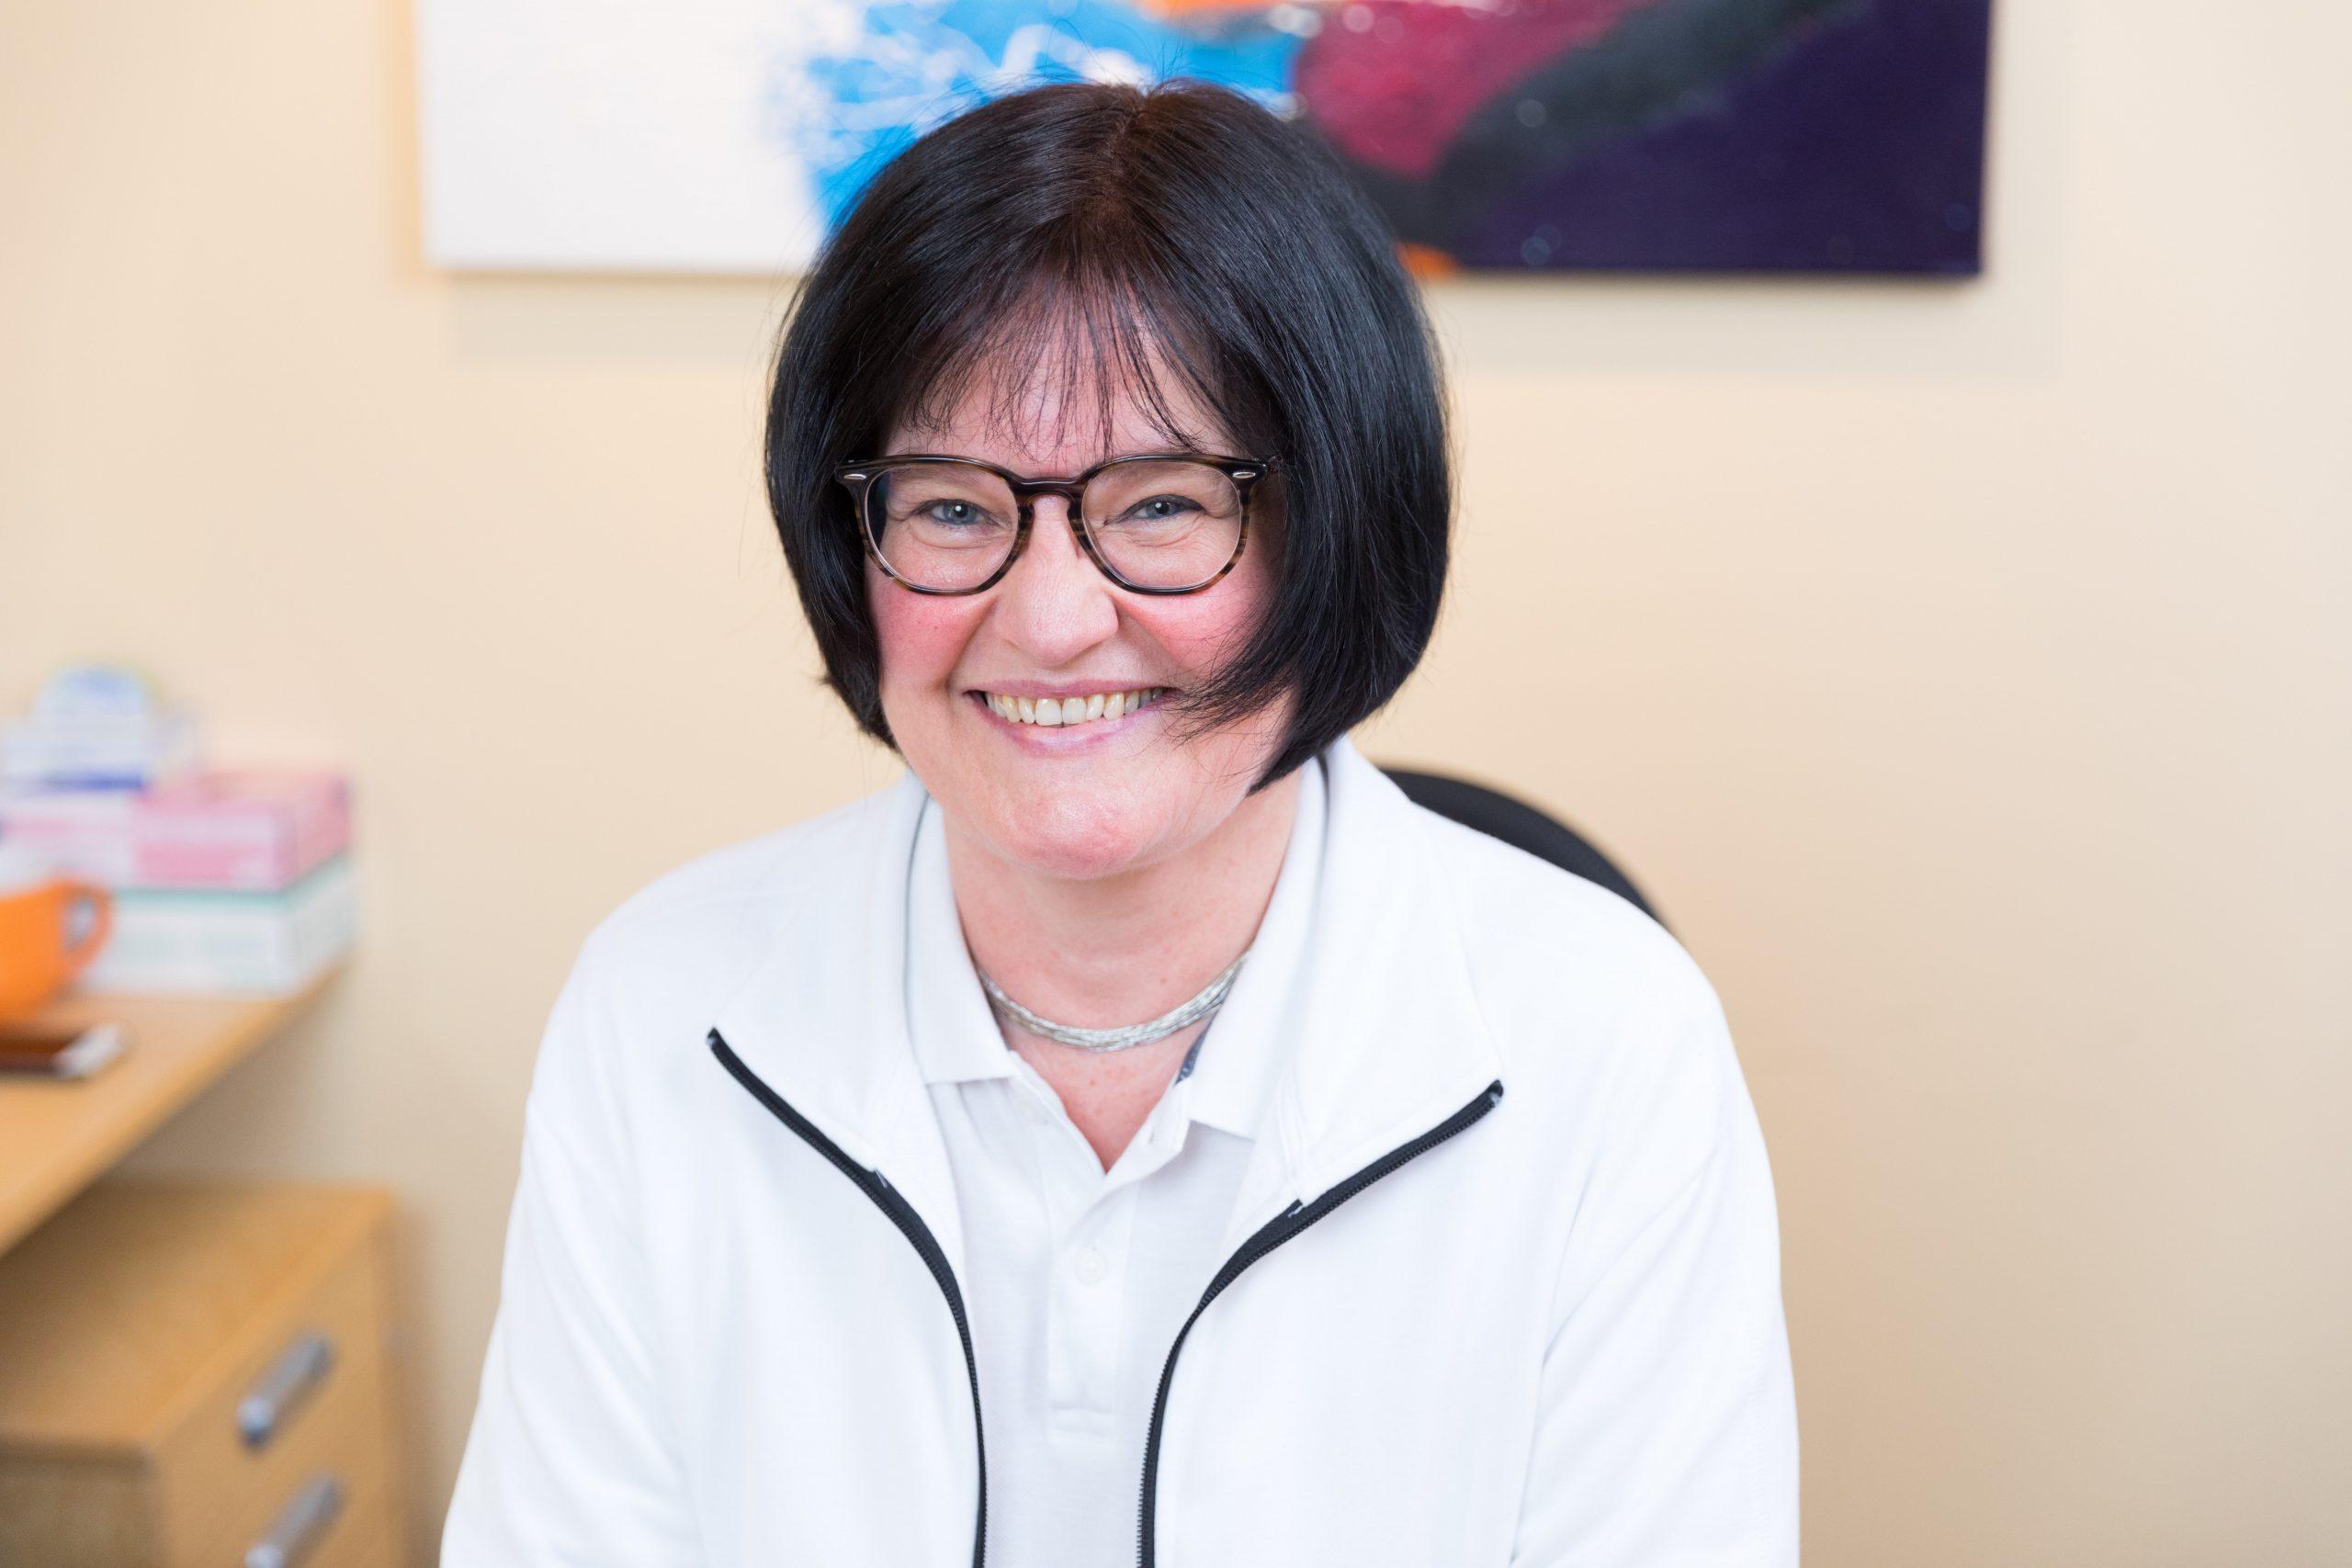 Christine Meier-Keul